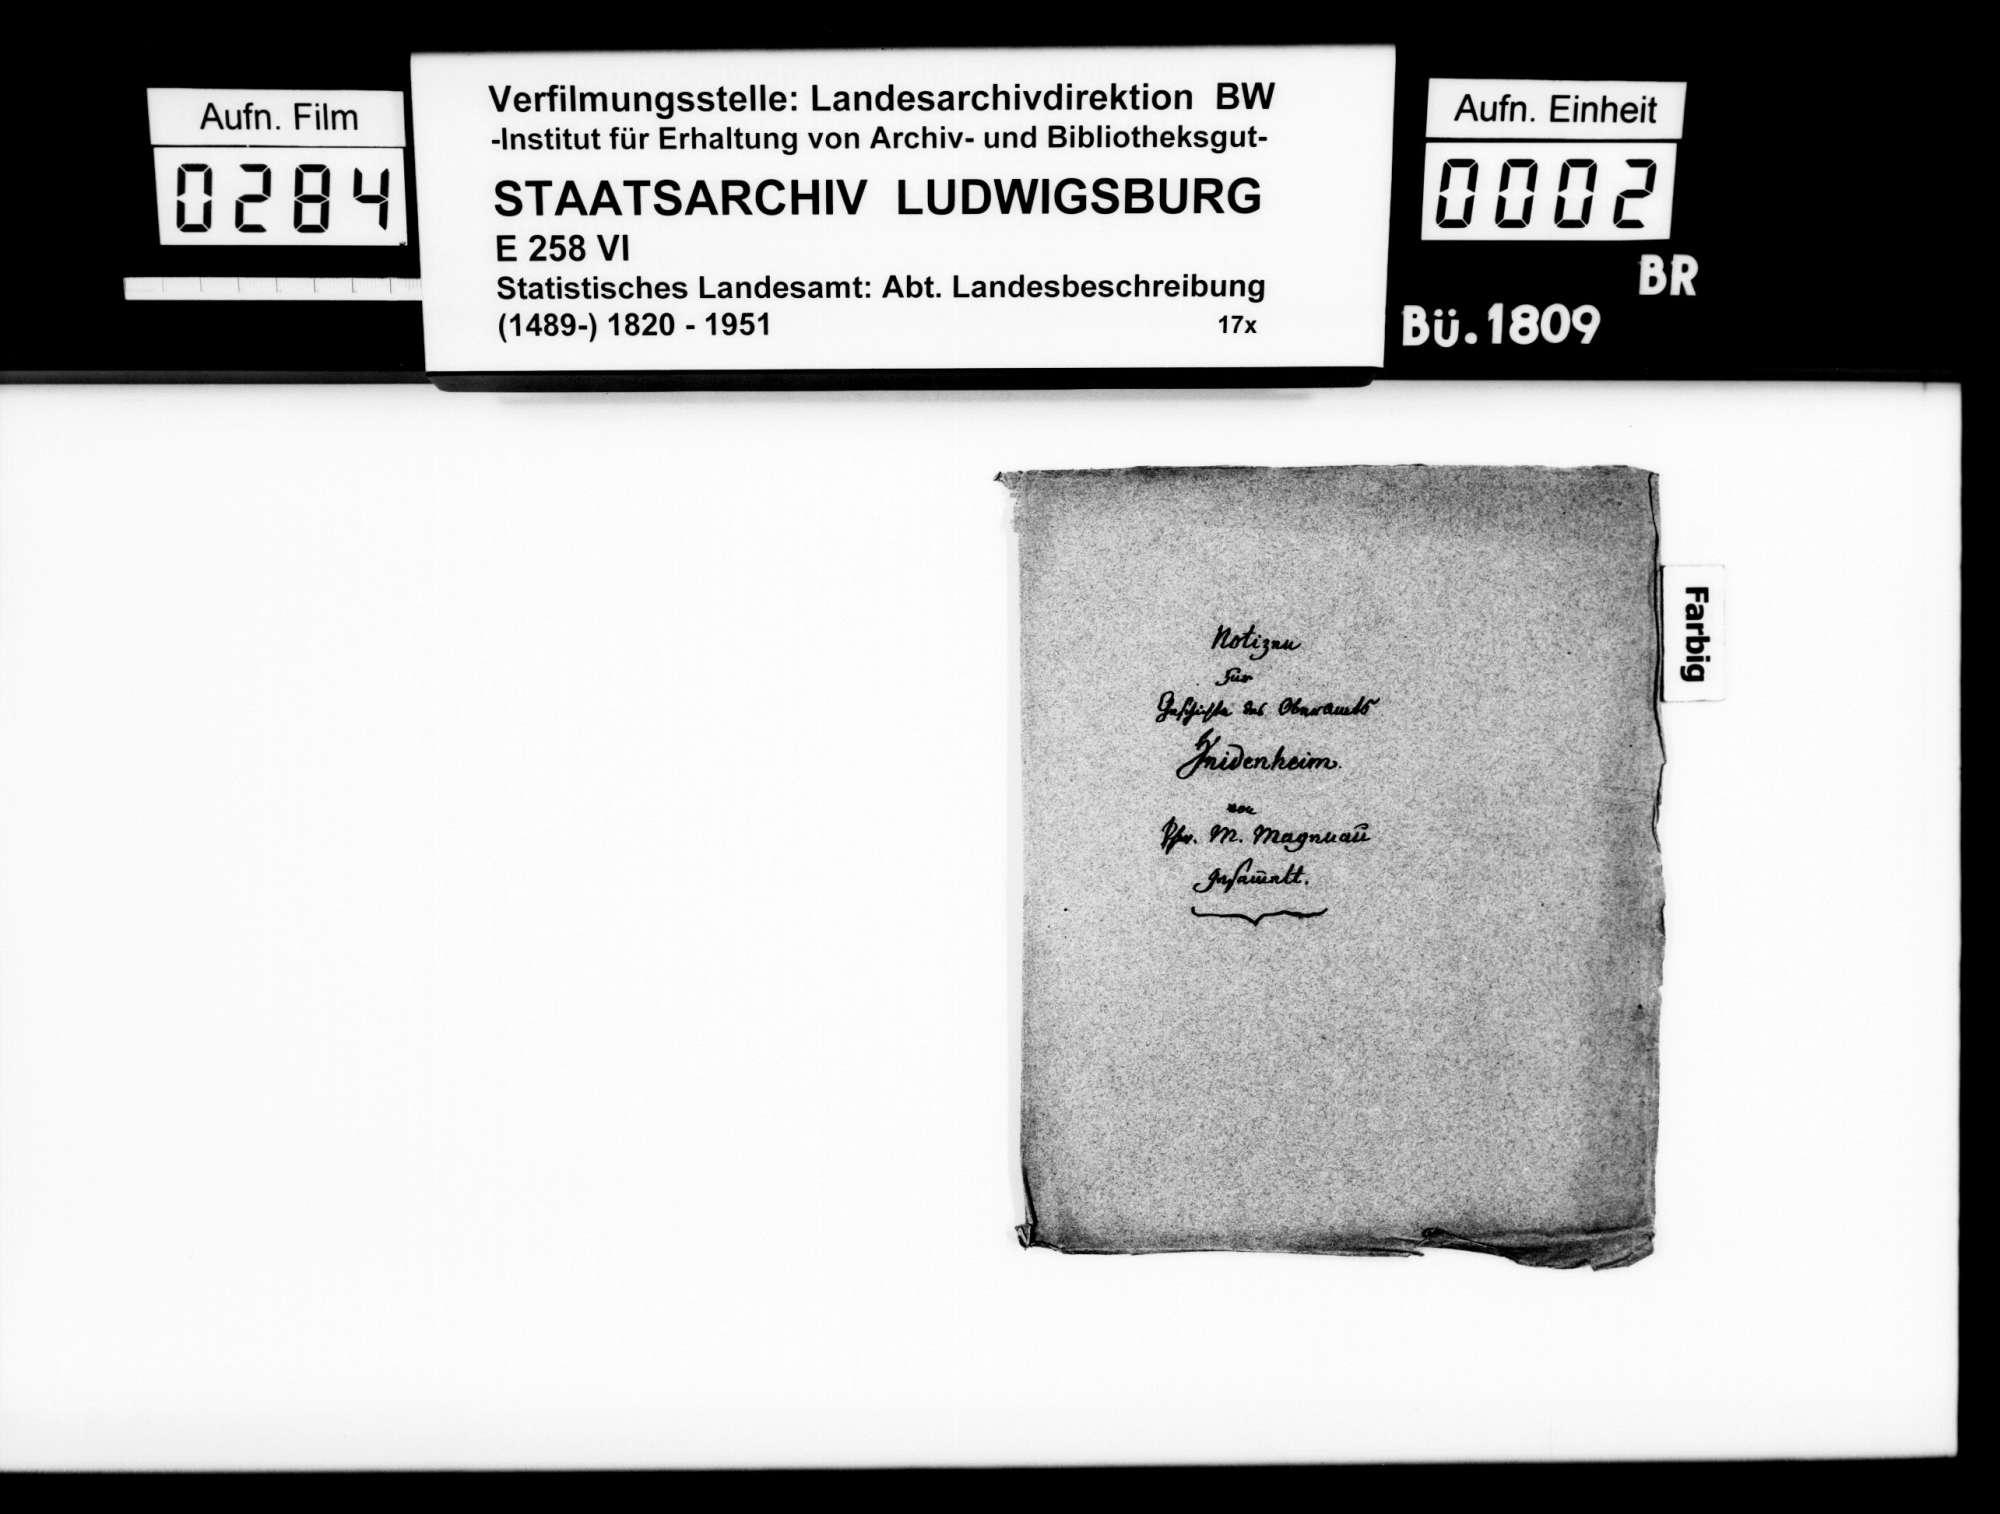 Kollektaneen des Pfarrers Magenau aus Hermaringen zur Geschichte des Oberamts Heidenheim, Bild 1